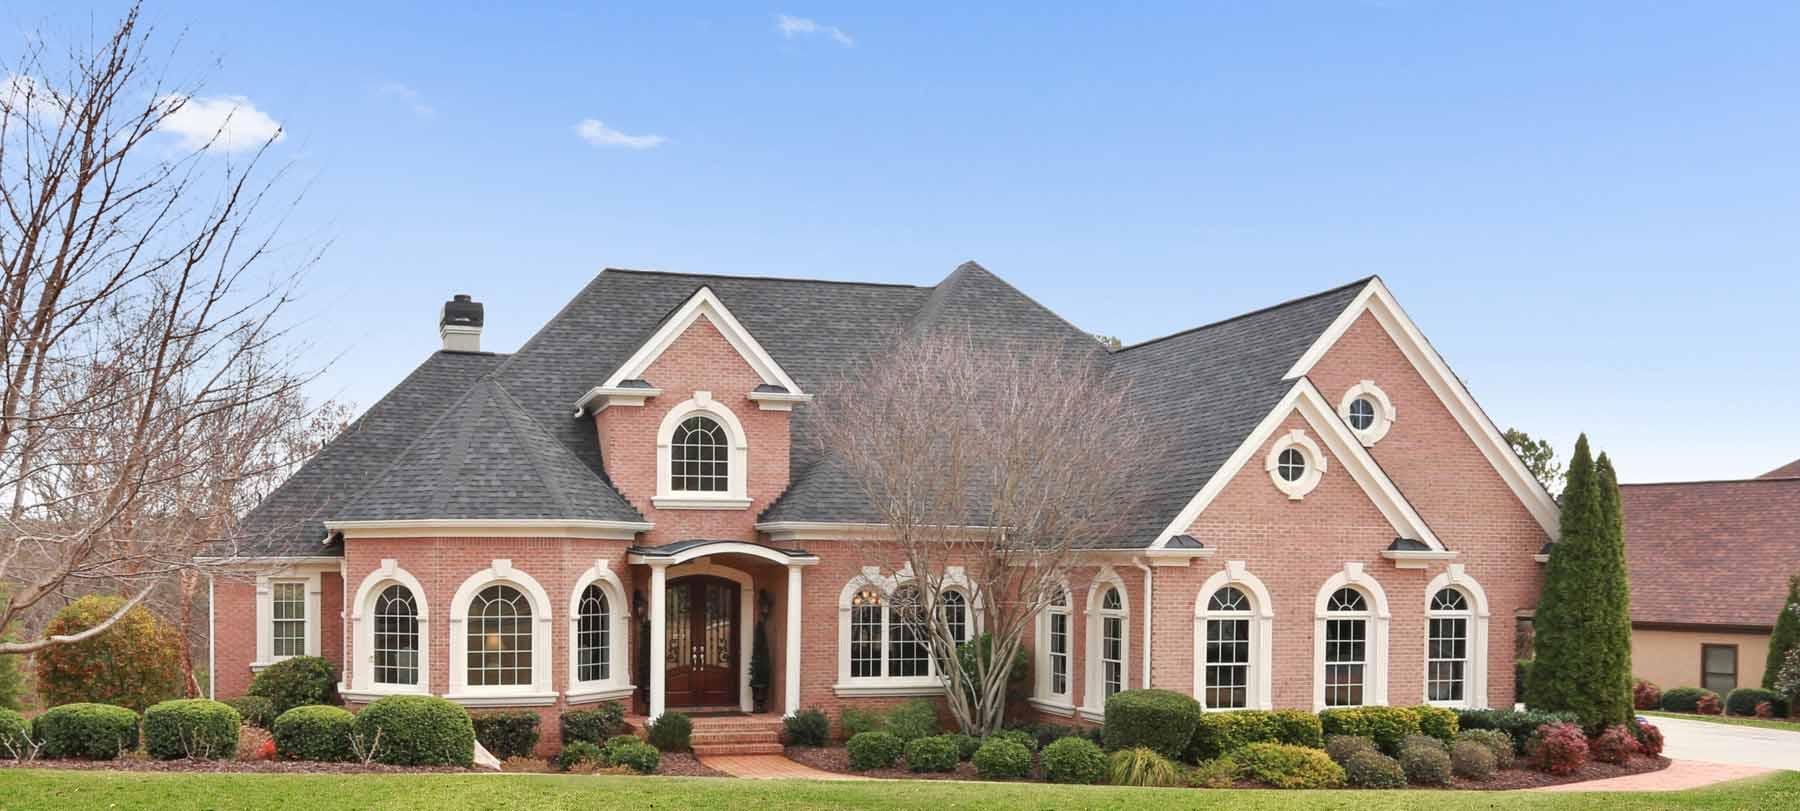 Casa Unifamiliar por un Venta en Beautiful Bridgemill Executive Home 511 Gold Shore Lane Canton, Georgia, 30114 Estados Unidos